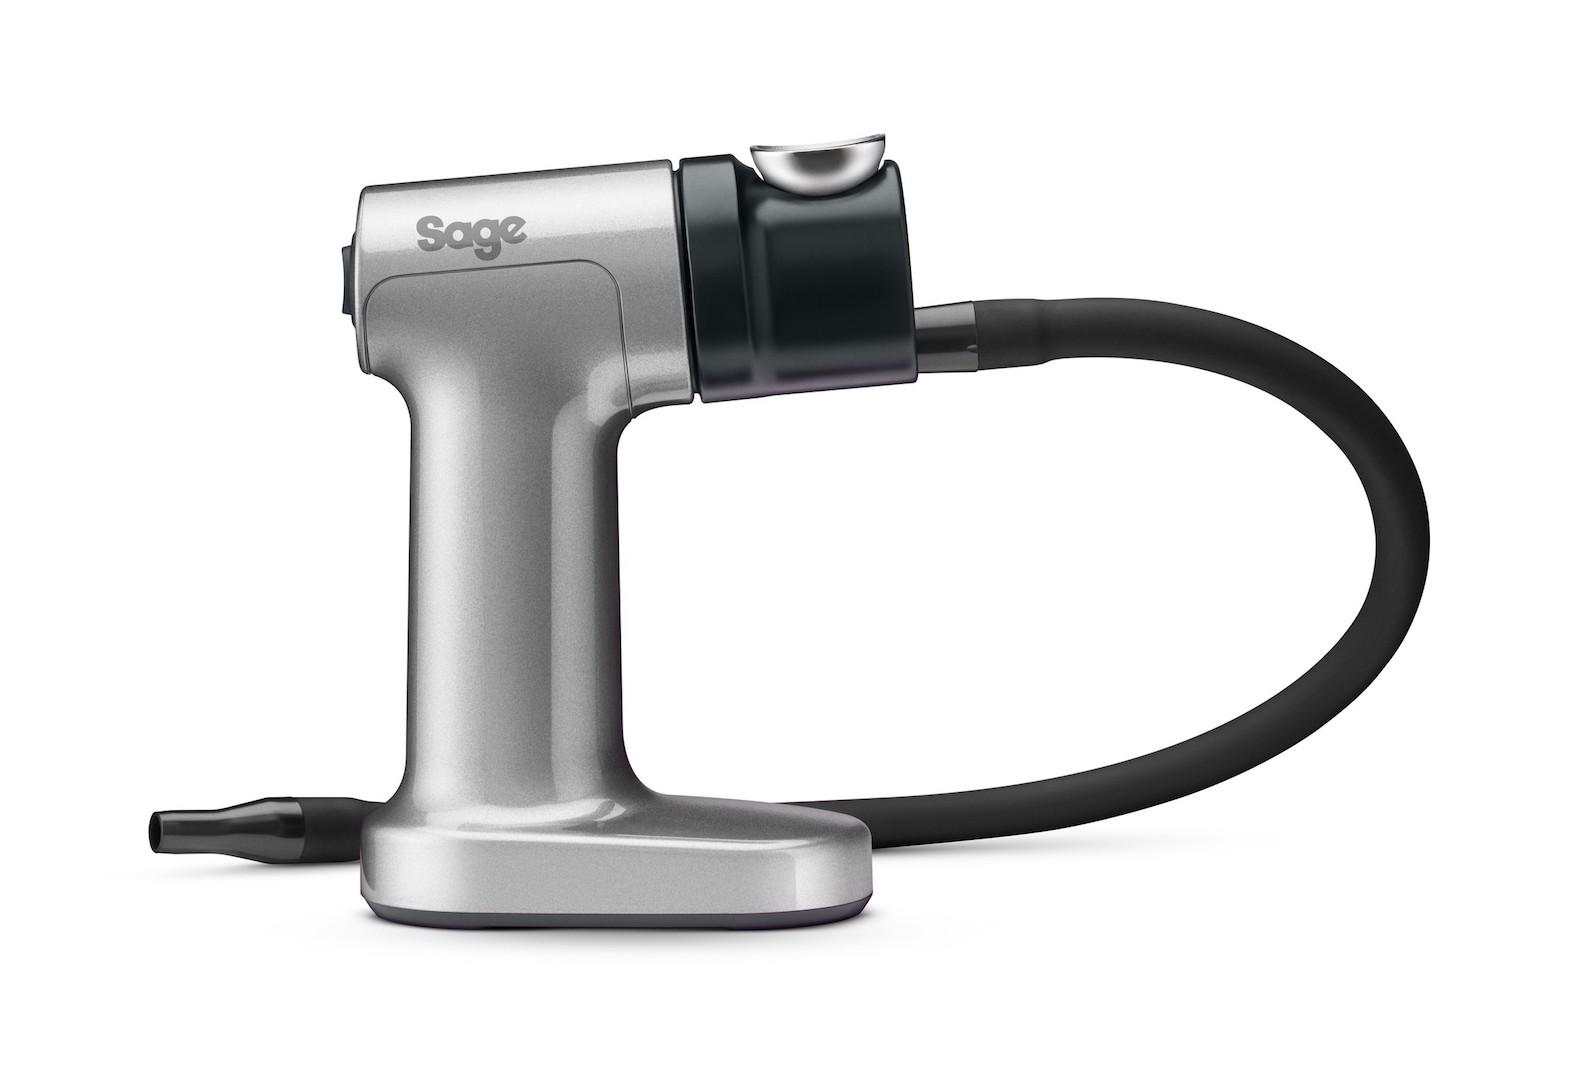 Sage Smoking Gun (image credit: Steamer Trading)